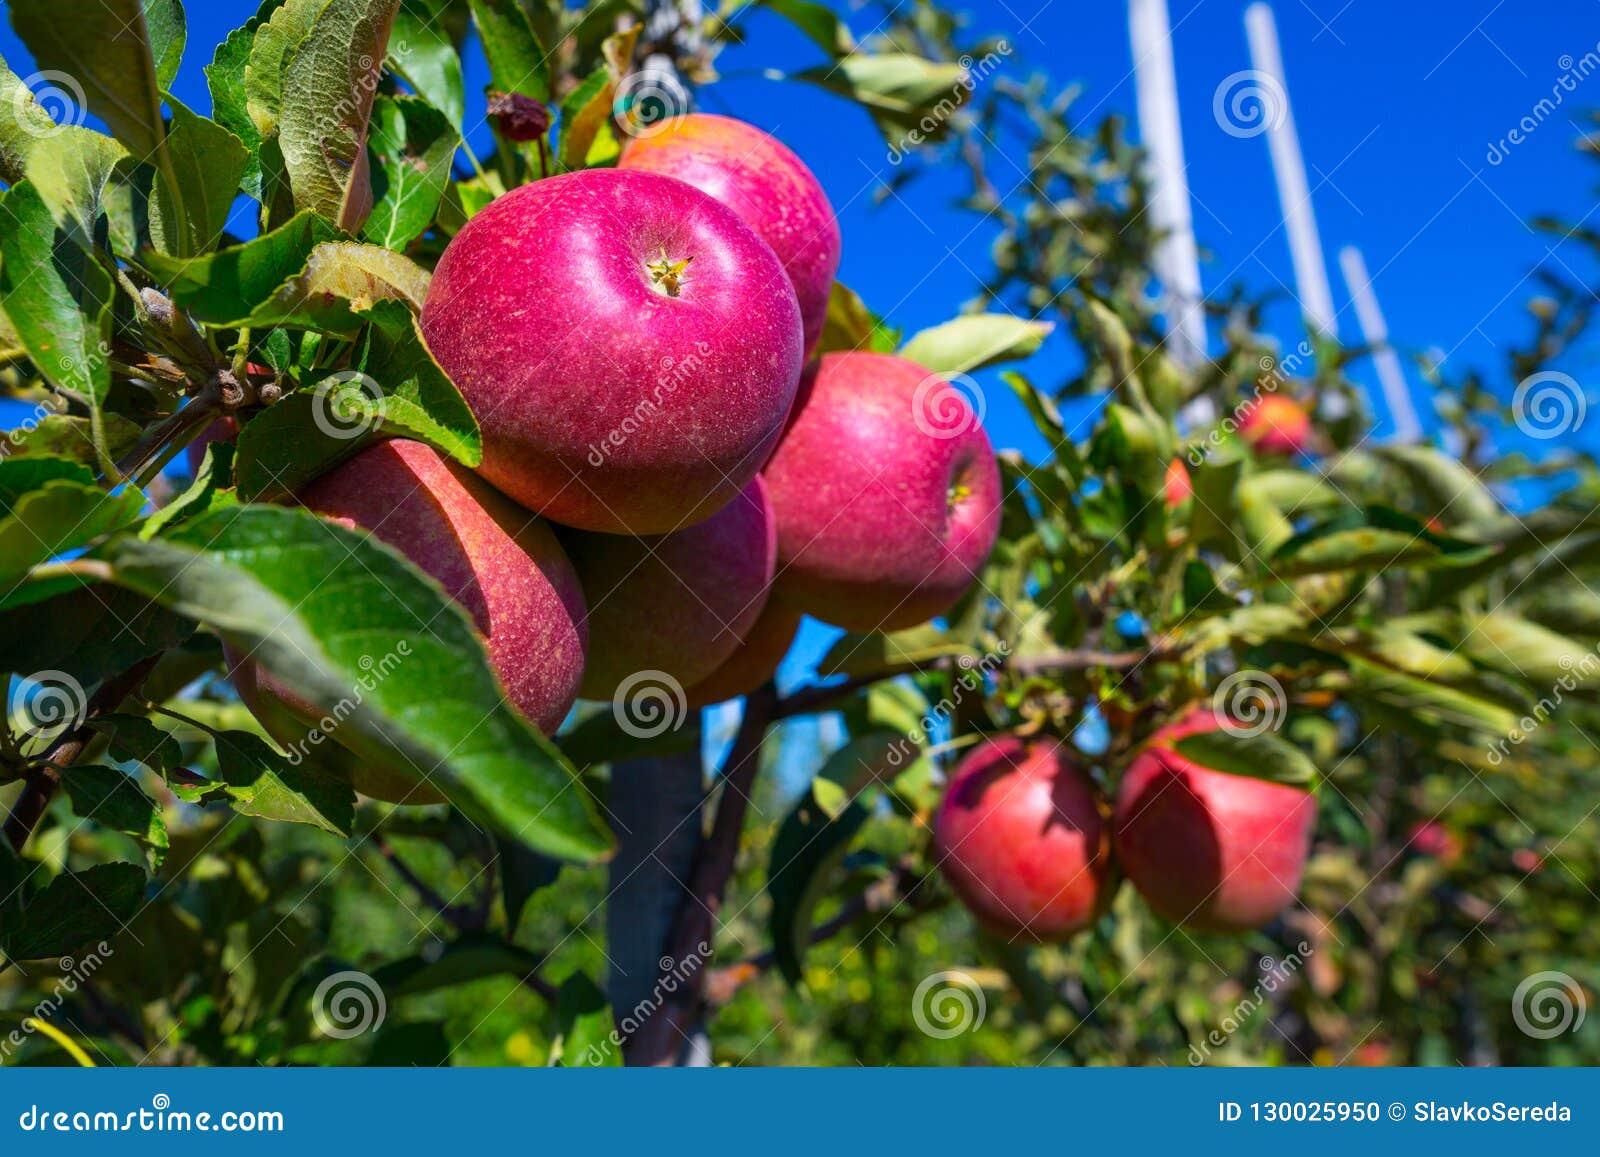 Dojrzałe owoc czerwoni jabłka na gałąź młode jabłonie